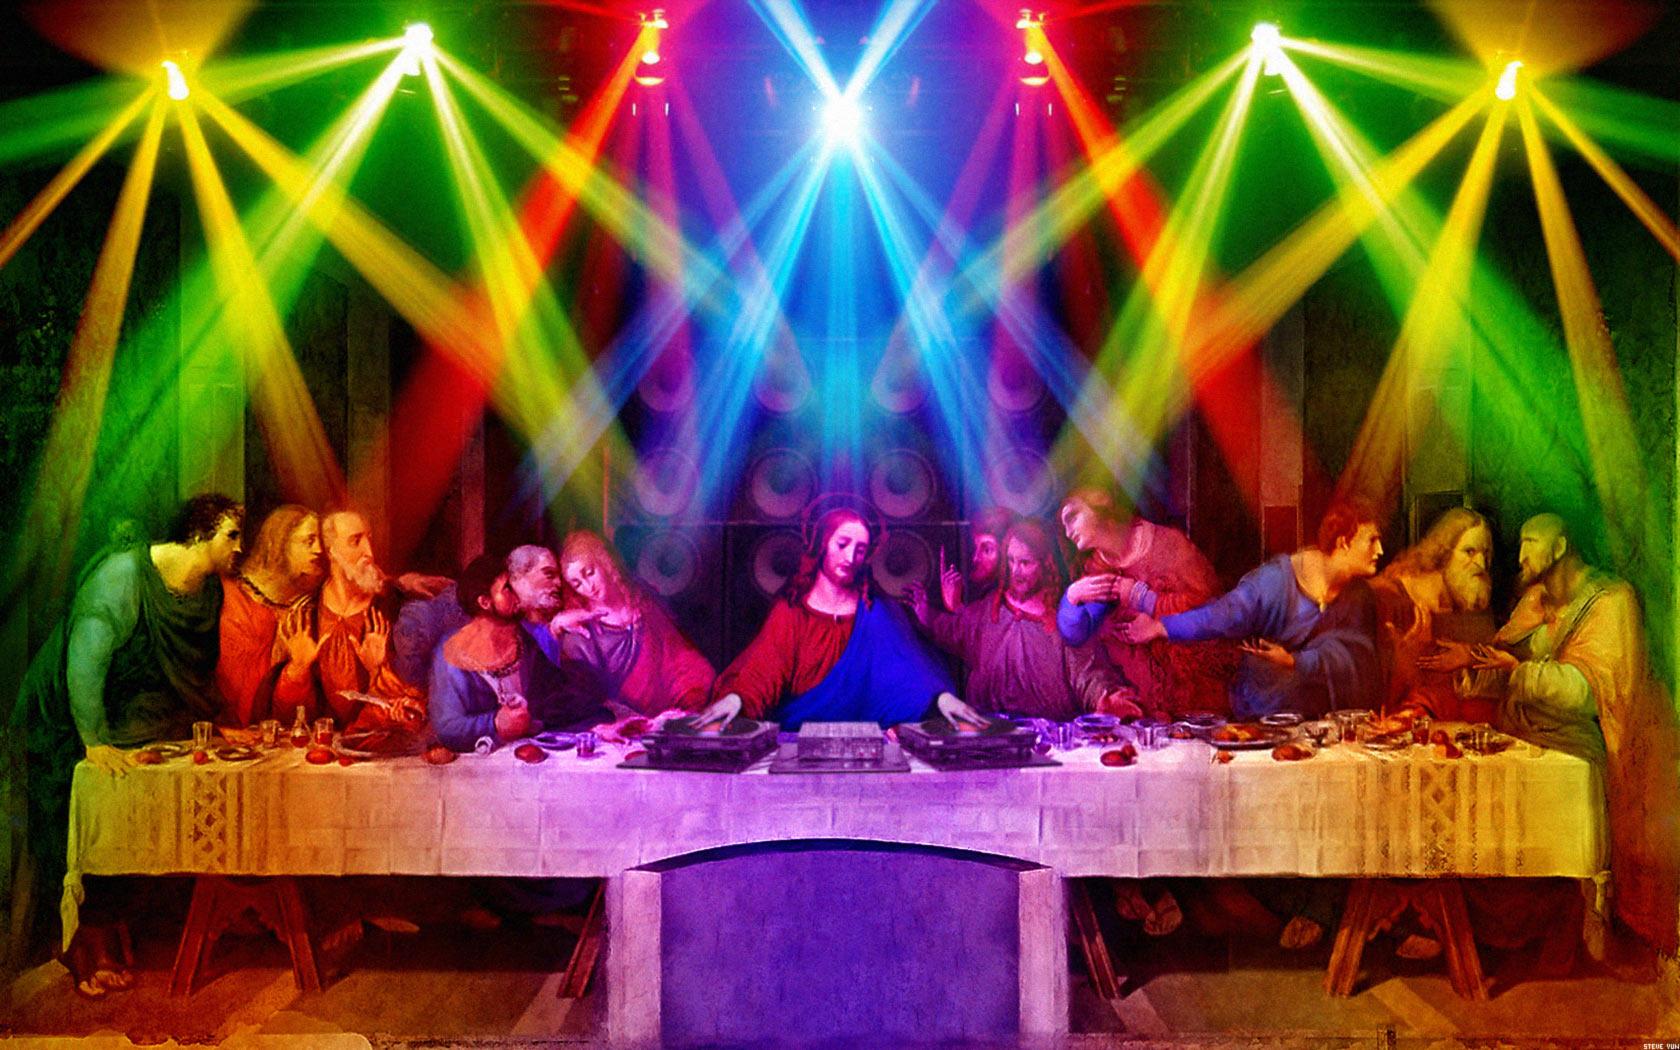 Music DJ 1680x1050